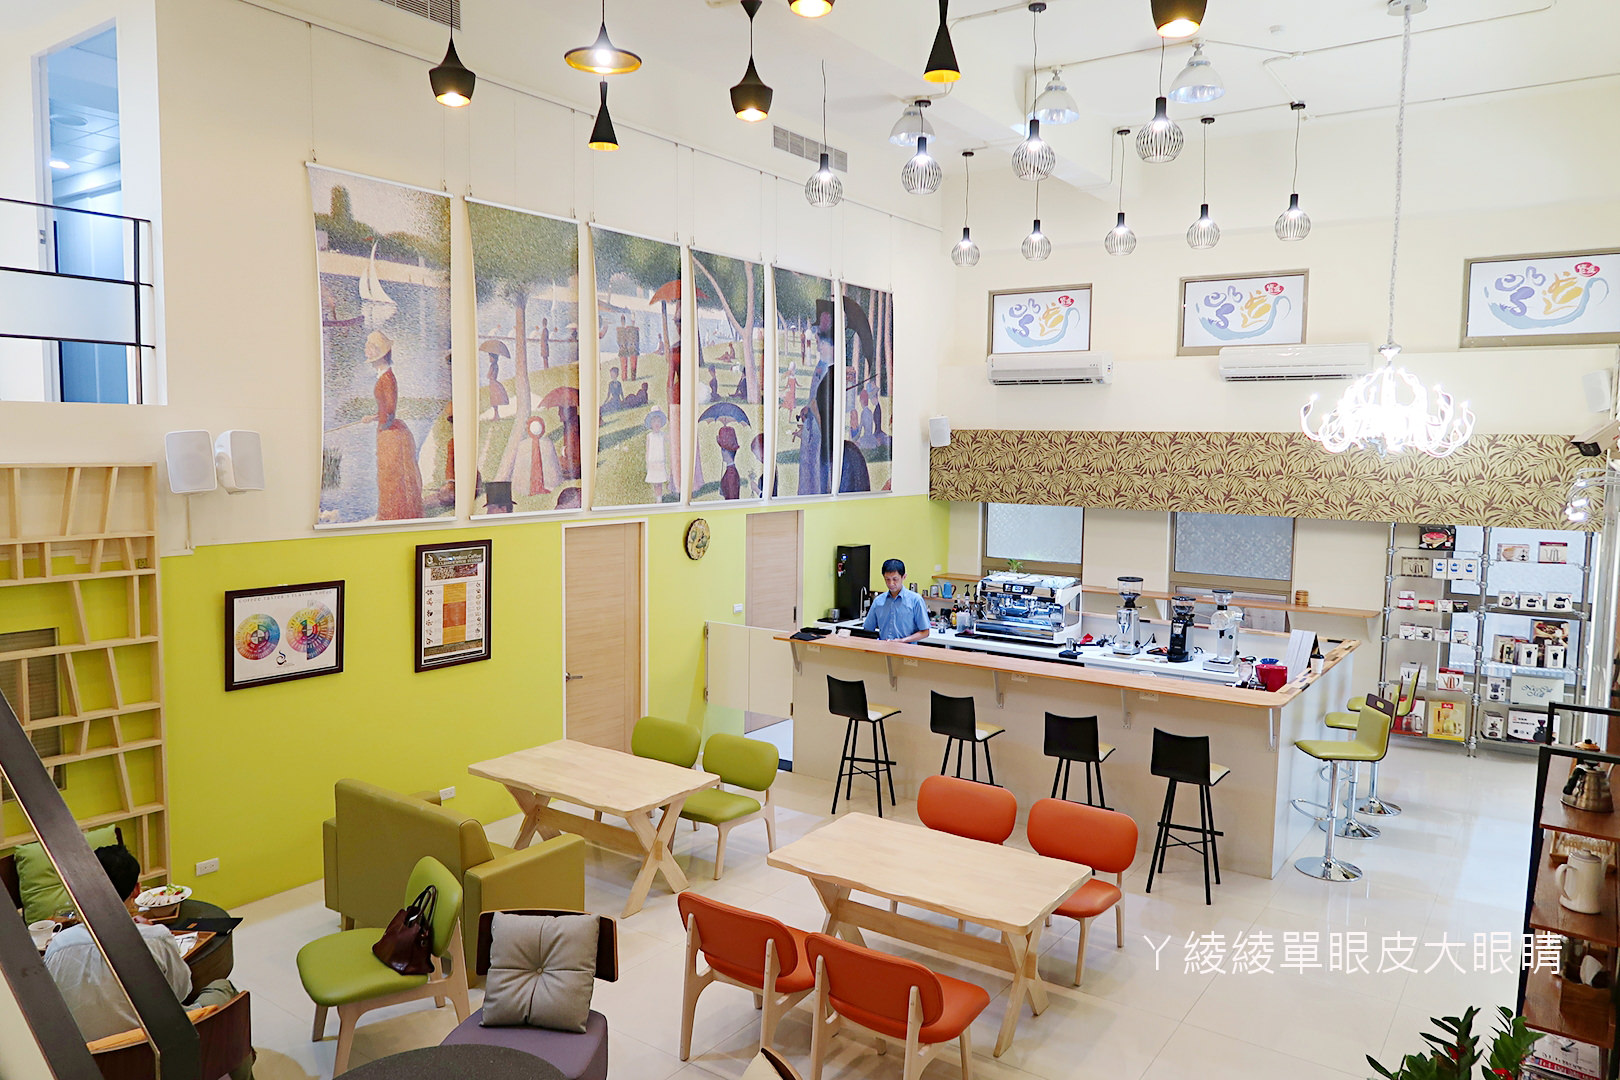 新竹咖啡|巨城附近有浮誇系宮廷咖啡店!紫進咖啡